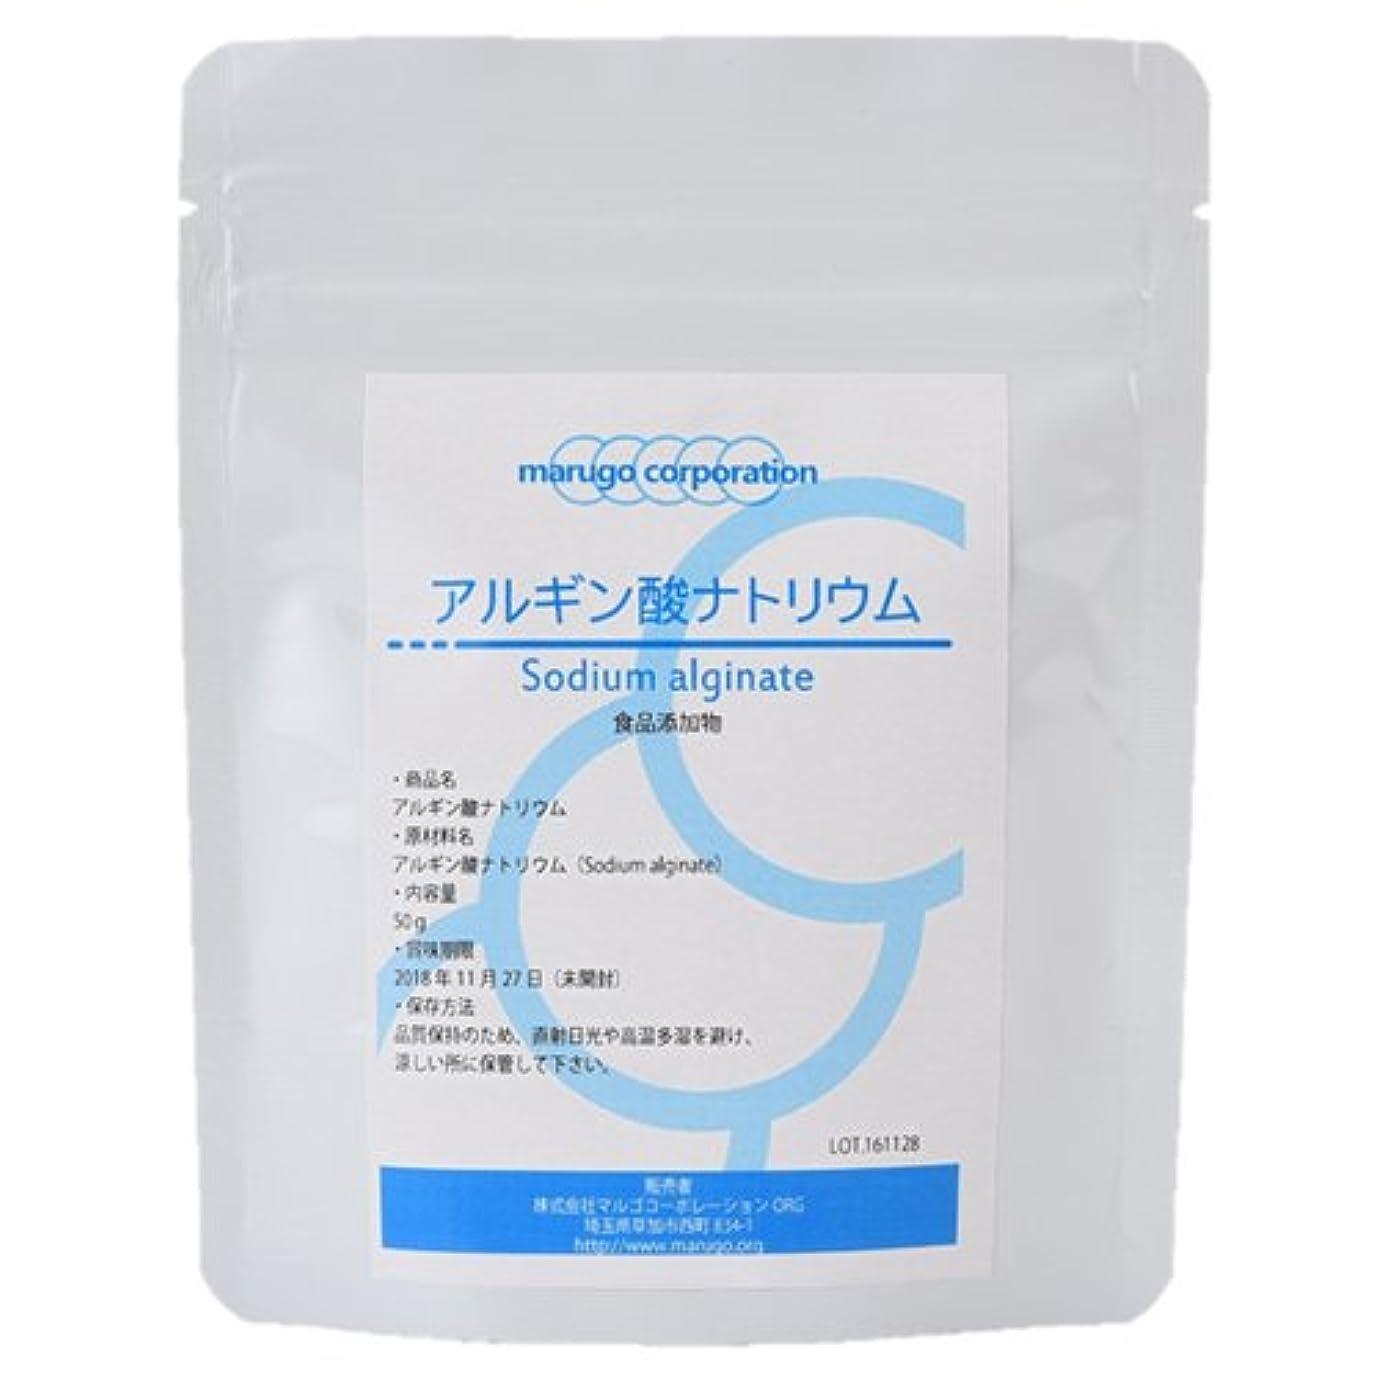 使役無心対marugo(マルゴ) アルギン酸ナトリウム 50g 人口イクラ ぷるぷる水 食品添加物グレード(食用)